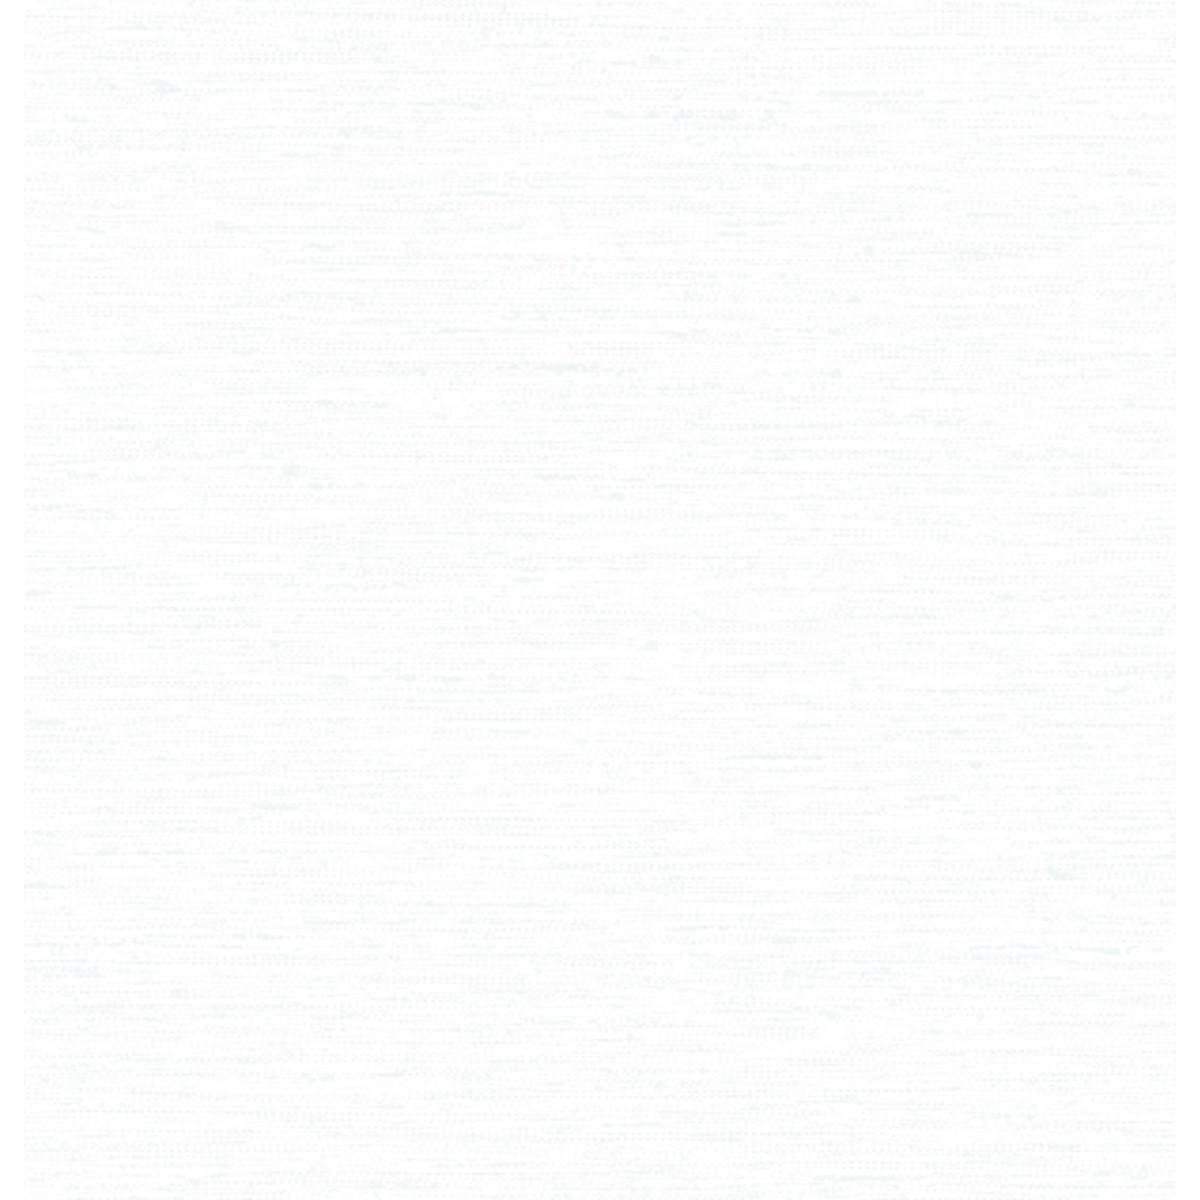 Обои виниловые Gaenari серые 1.06 м 88260-1